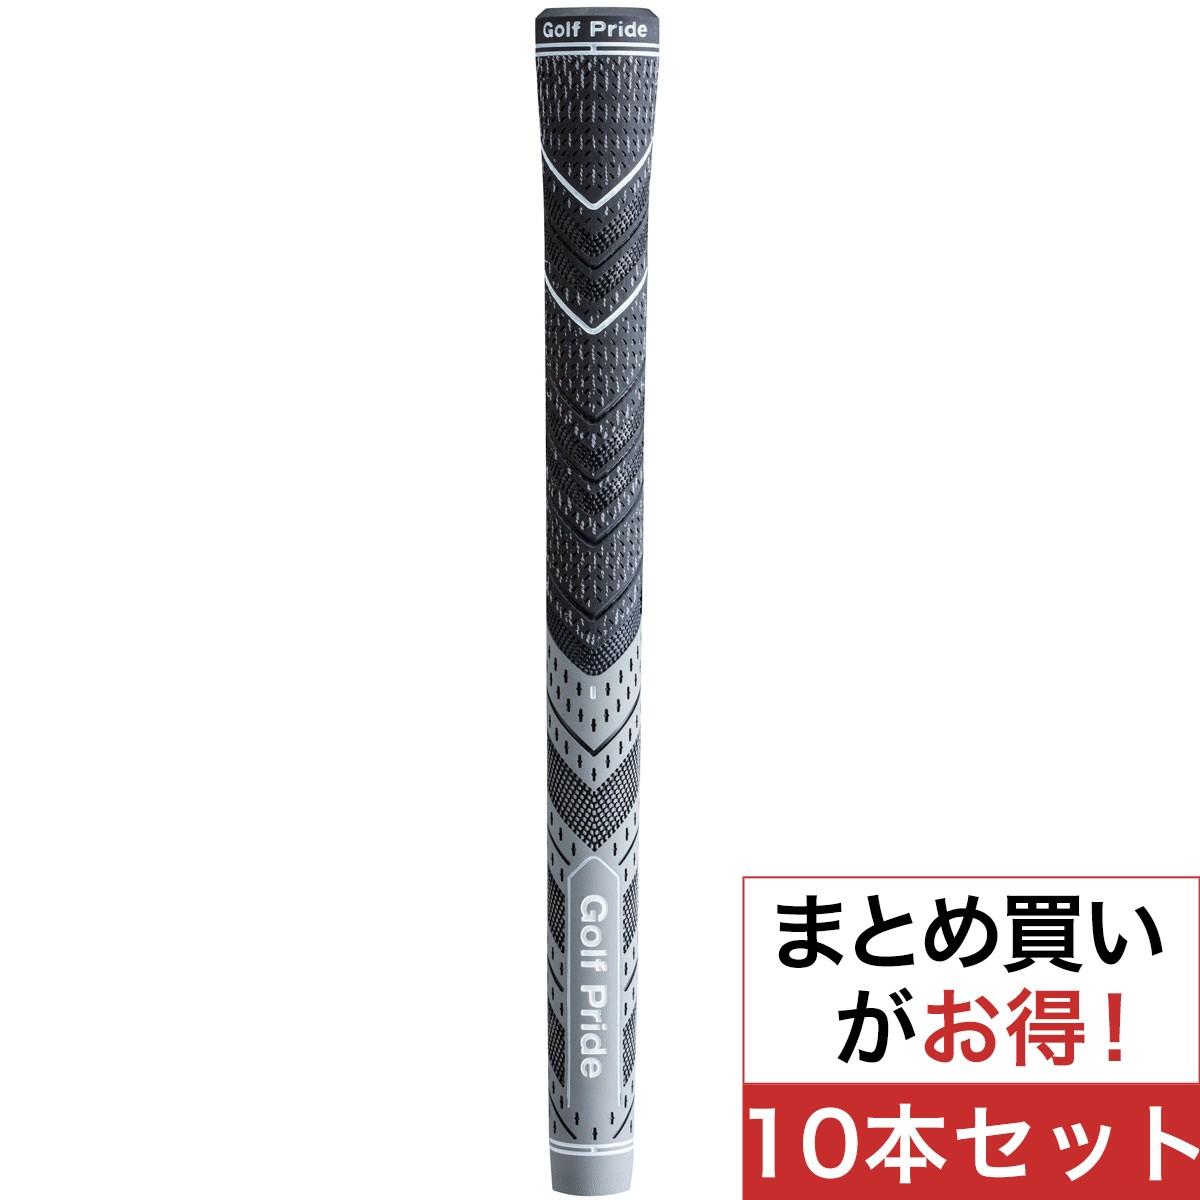 ゴルフプライド MCCプラス4 アンダー グリップ 10本セット